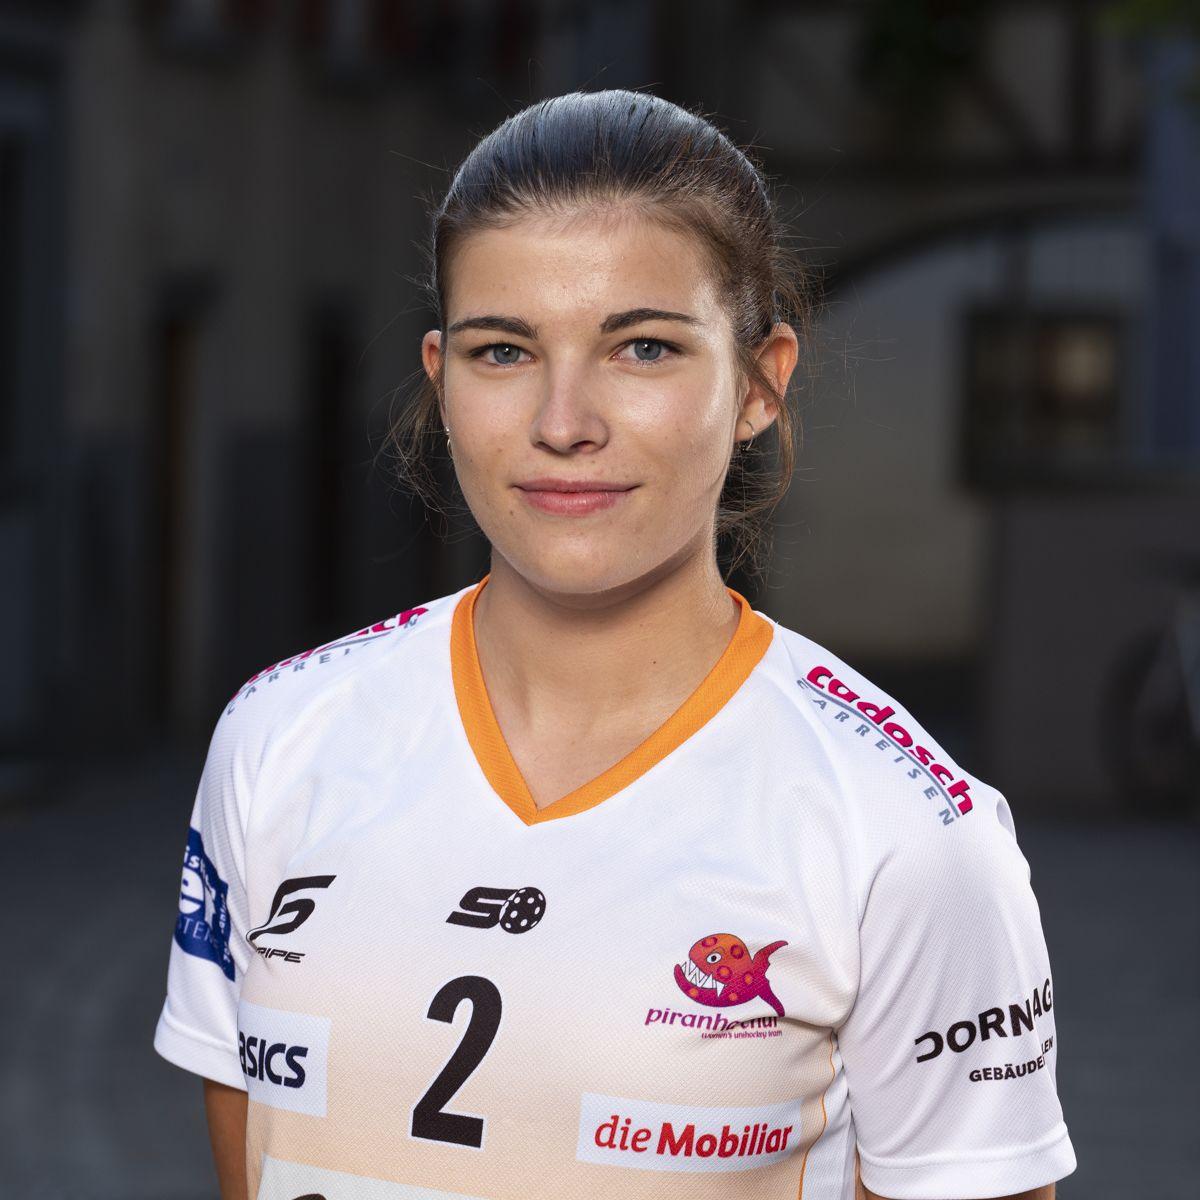 Jana Putzi #2_NLA_piranha Chur_Saison 2019-2020_1200x1200_01.jpg